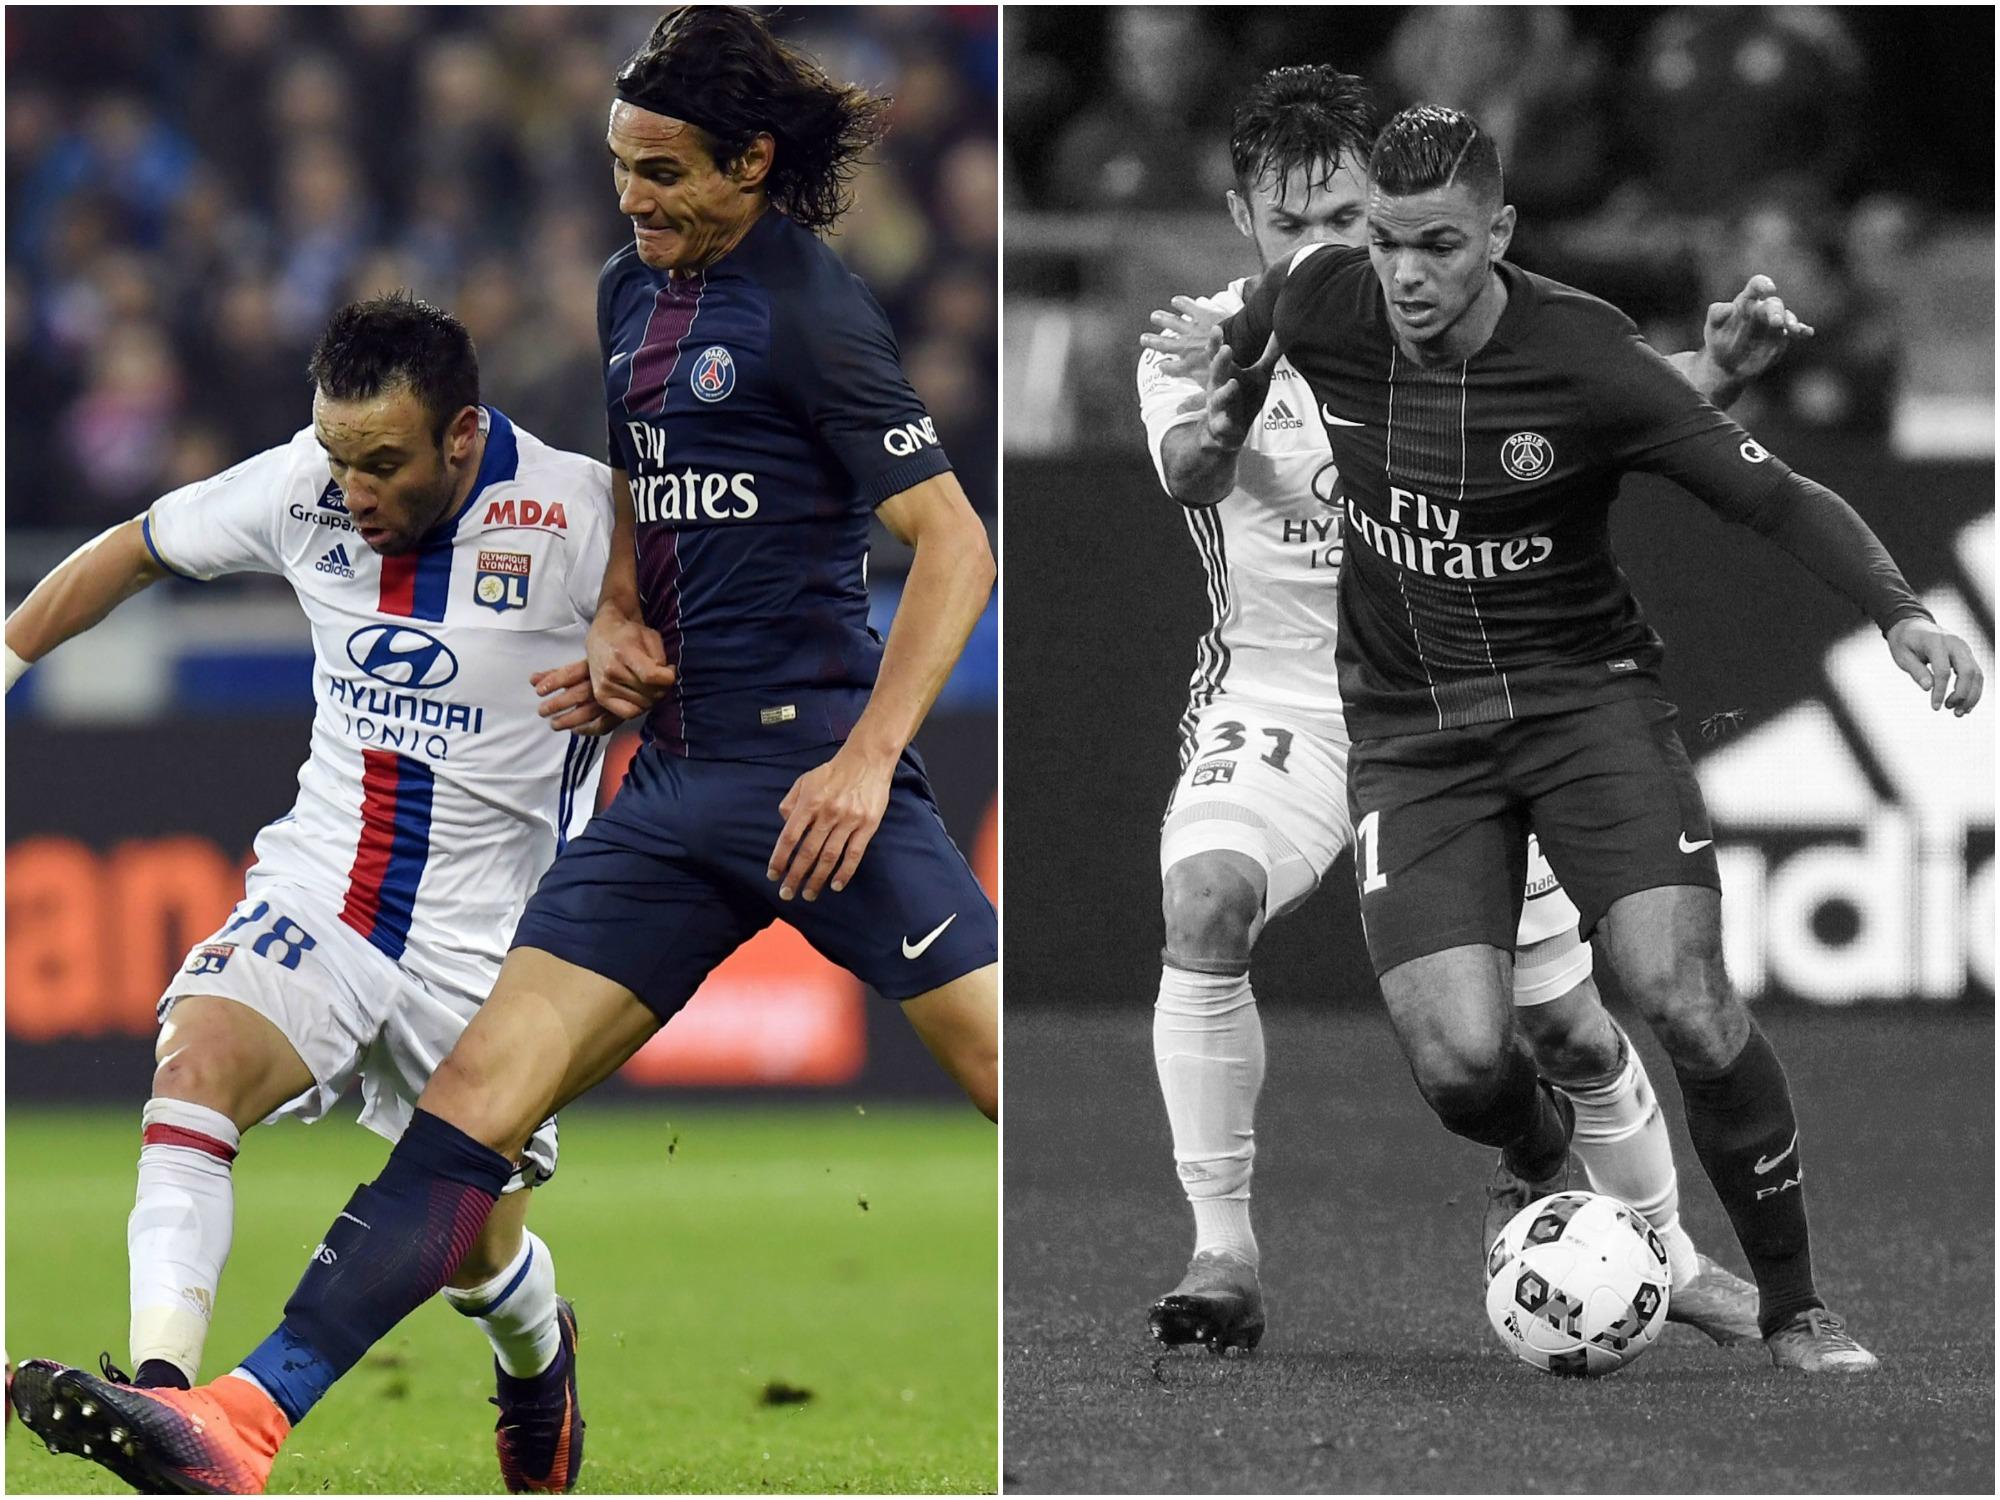 Football - Ligue 1 - Lyon-PSG : Cavani et Valbuena décisifs, Ben Arfa peut mieux faire